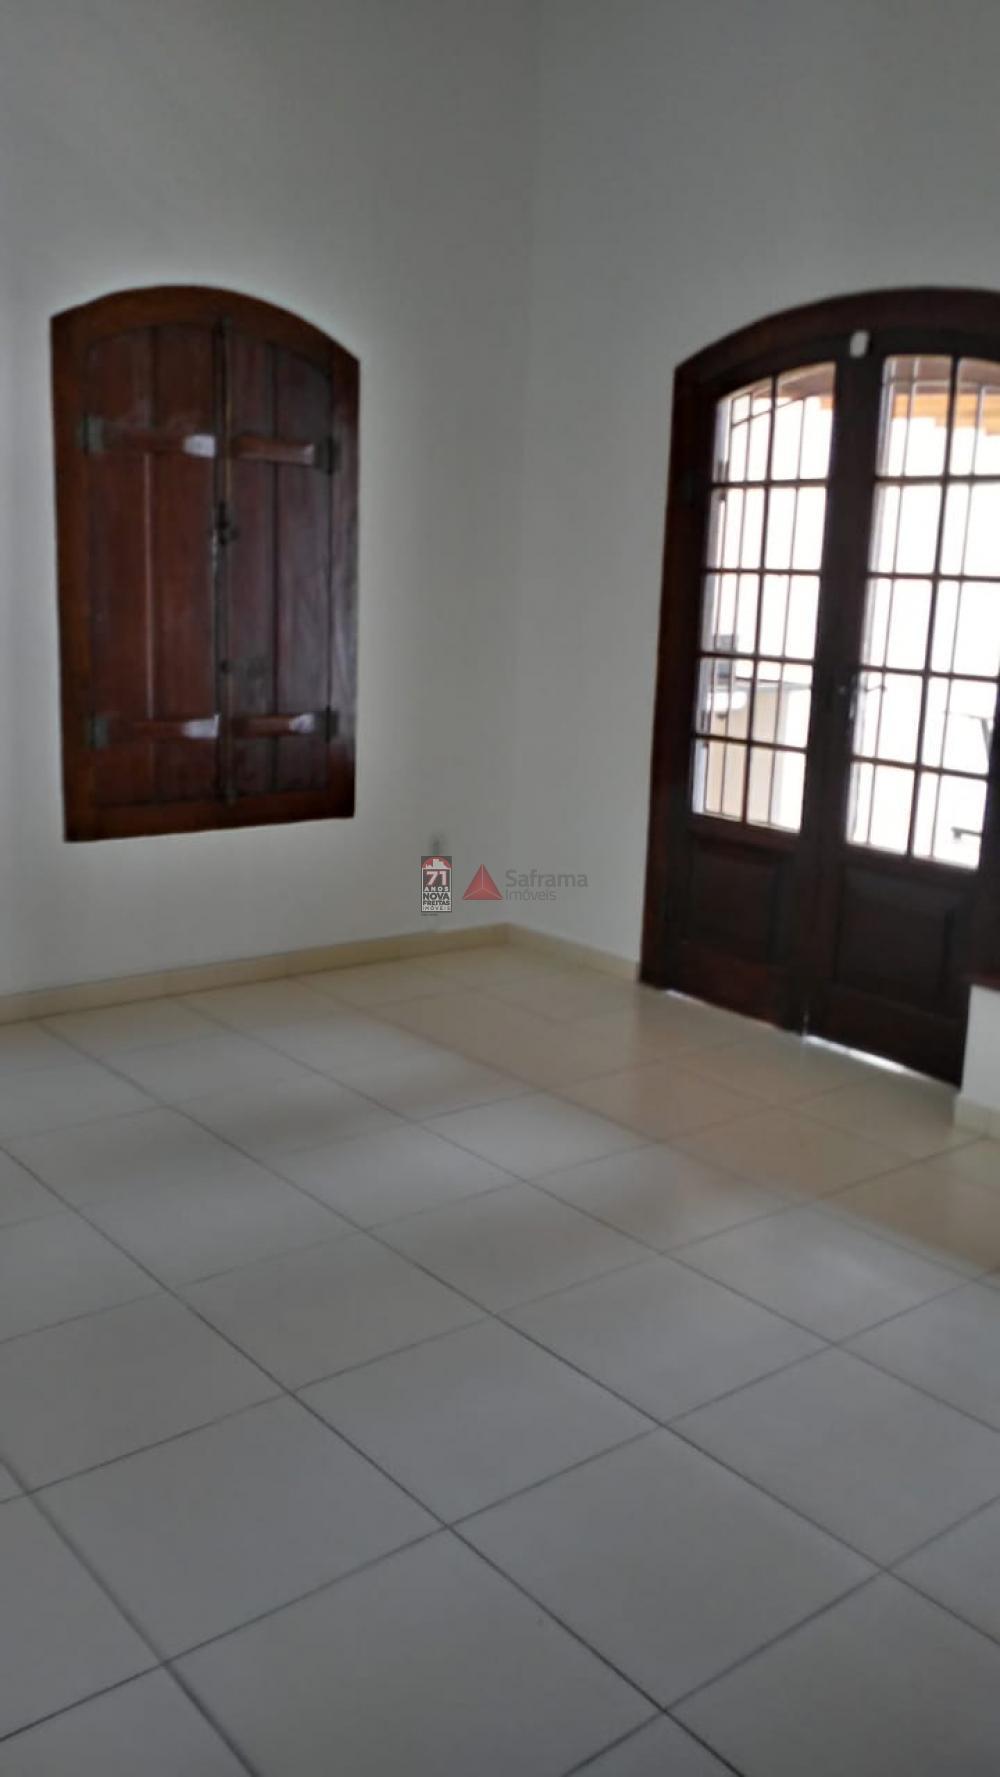 Alugar Casa / Padrão em São José dos Campos R$ 6.000,00 - Foto 8